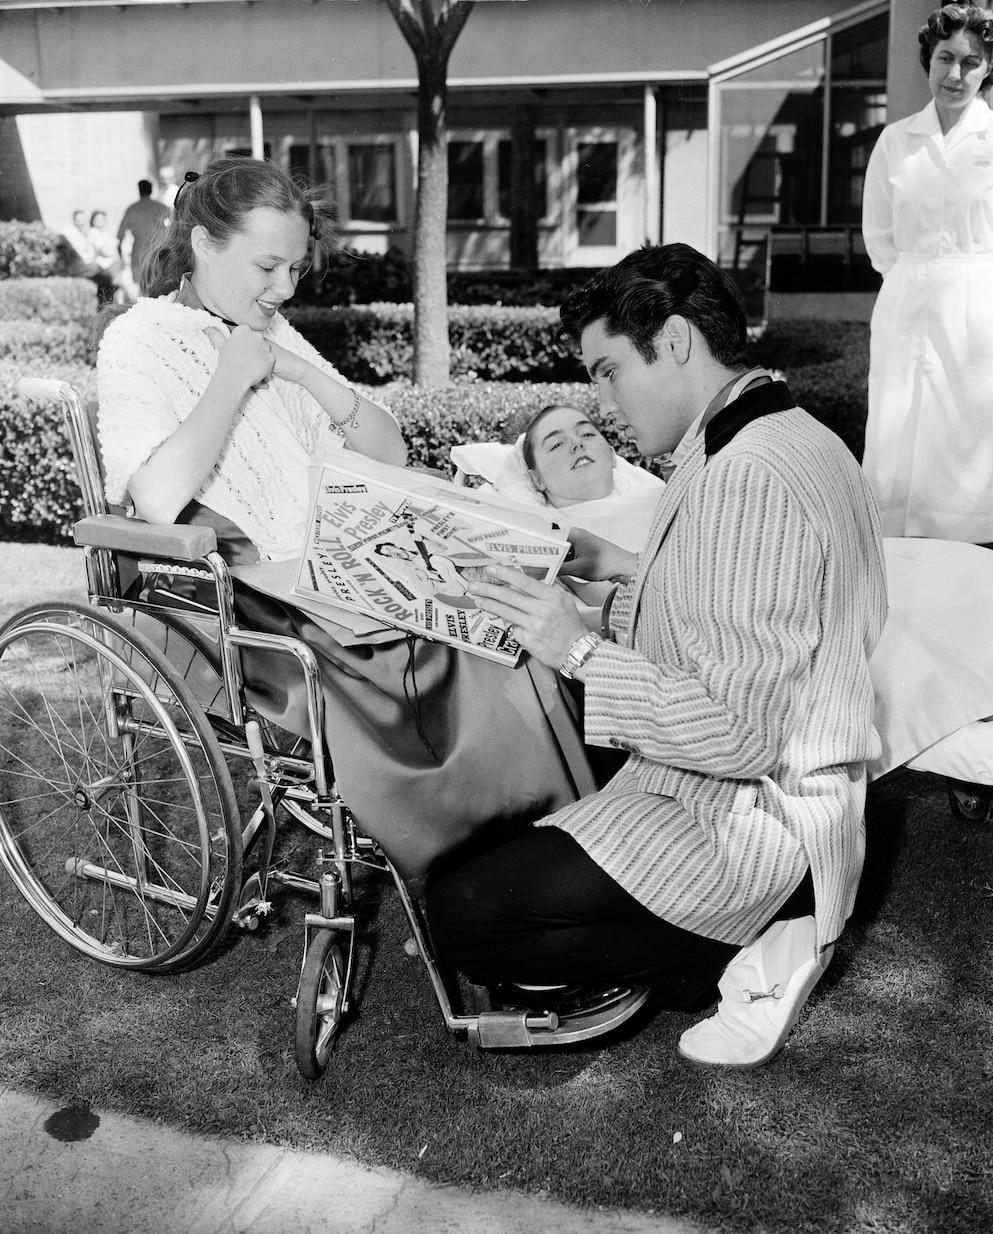 1957年5月,貓王在加州探望脊髓灰質炎患者貝絲.克立爾(Beth Currier, 14歲),左,和依蓮.布洛克威(Elaine Brockway, 17歲)。坐輪椅的克立爾給貓王看她的剪貼簿,大多是她靠嘴巴做出來的。PHOTOGRAPH VIA ASSOCIATED PRESS